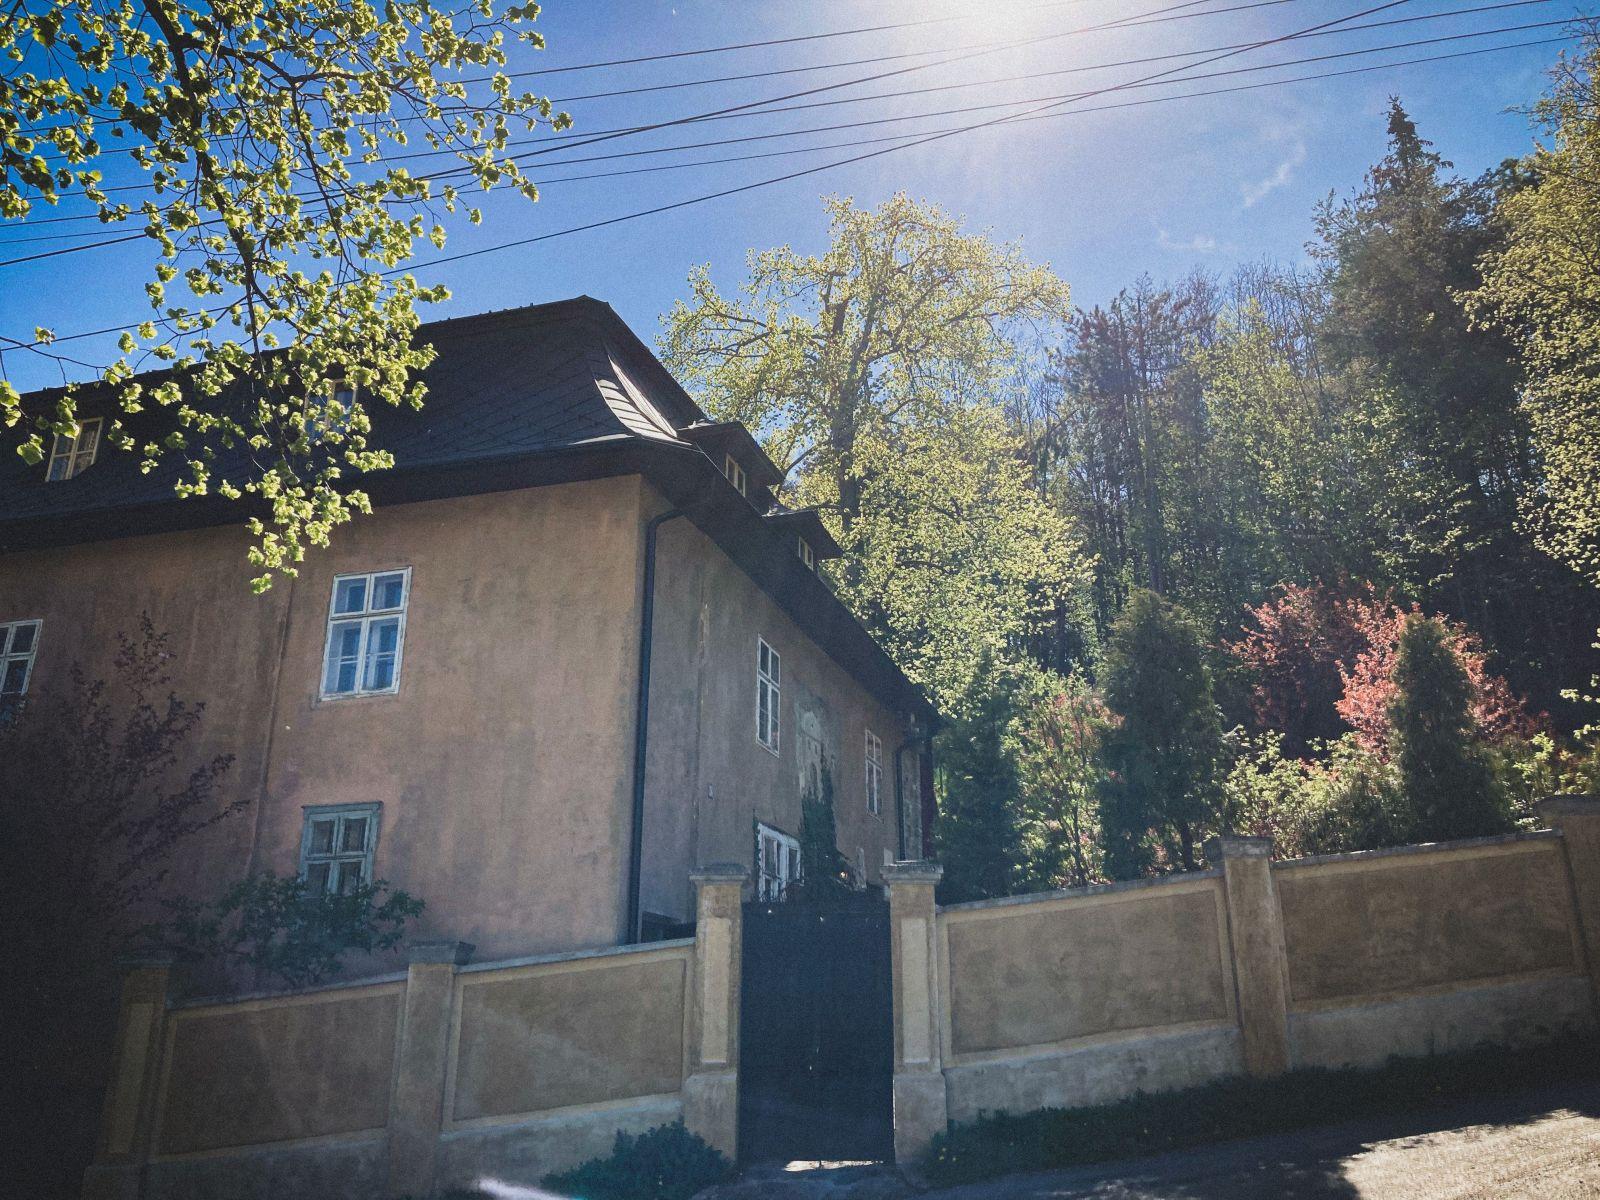 """Navštívili sme najstrašidelnejšiu stavbu na Slovensku. Majiteľ 500-ročného domu v priznáva, že v ňom panuje """"zvláštna energia"""""""